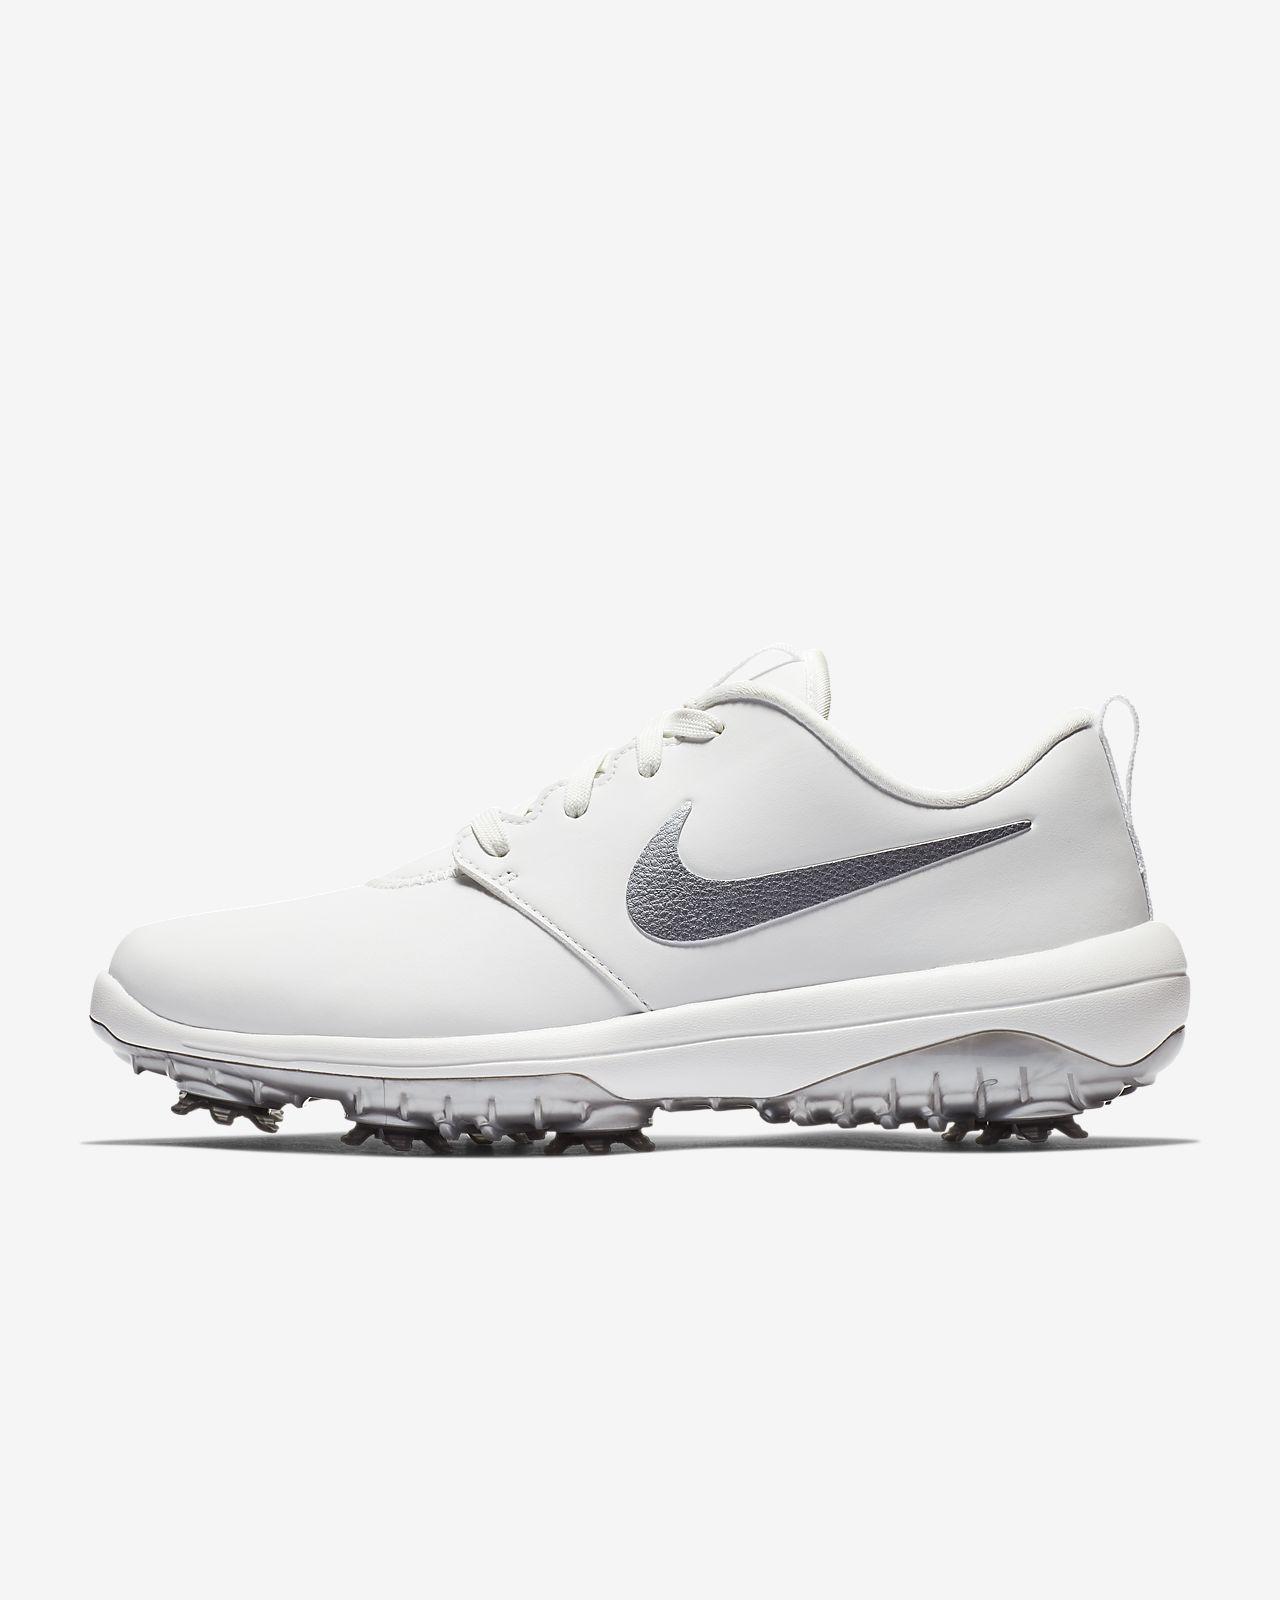 Γυναικείο παπούτσι γκολφ Nike Roshe G Tour